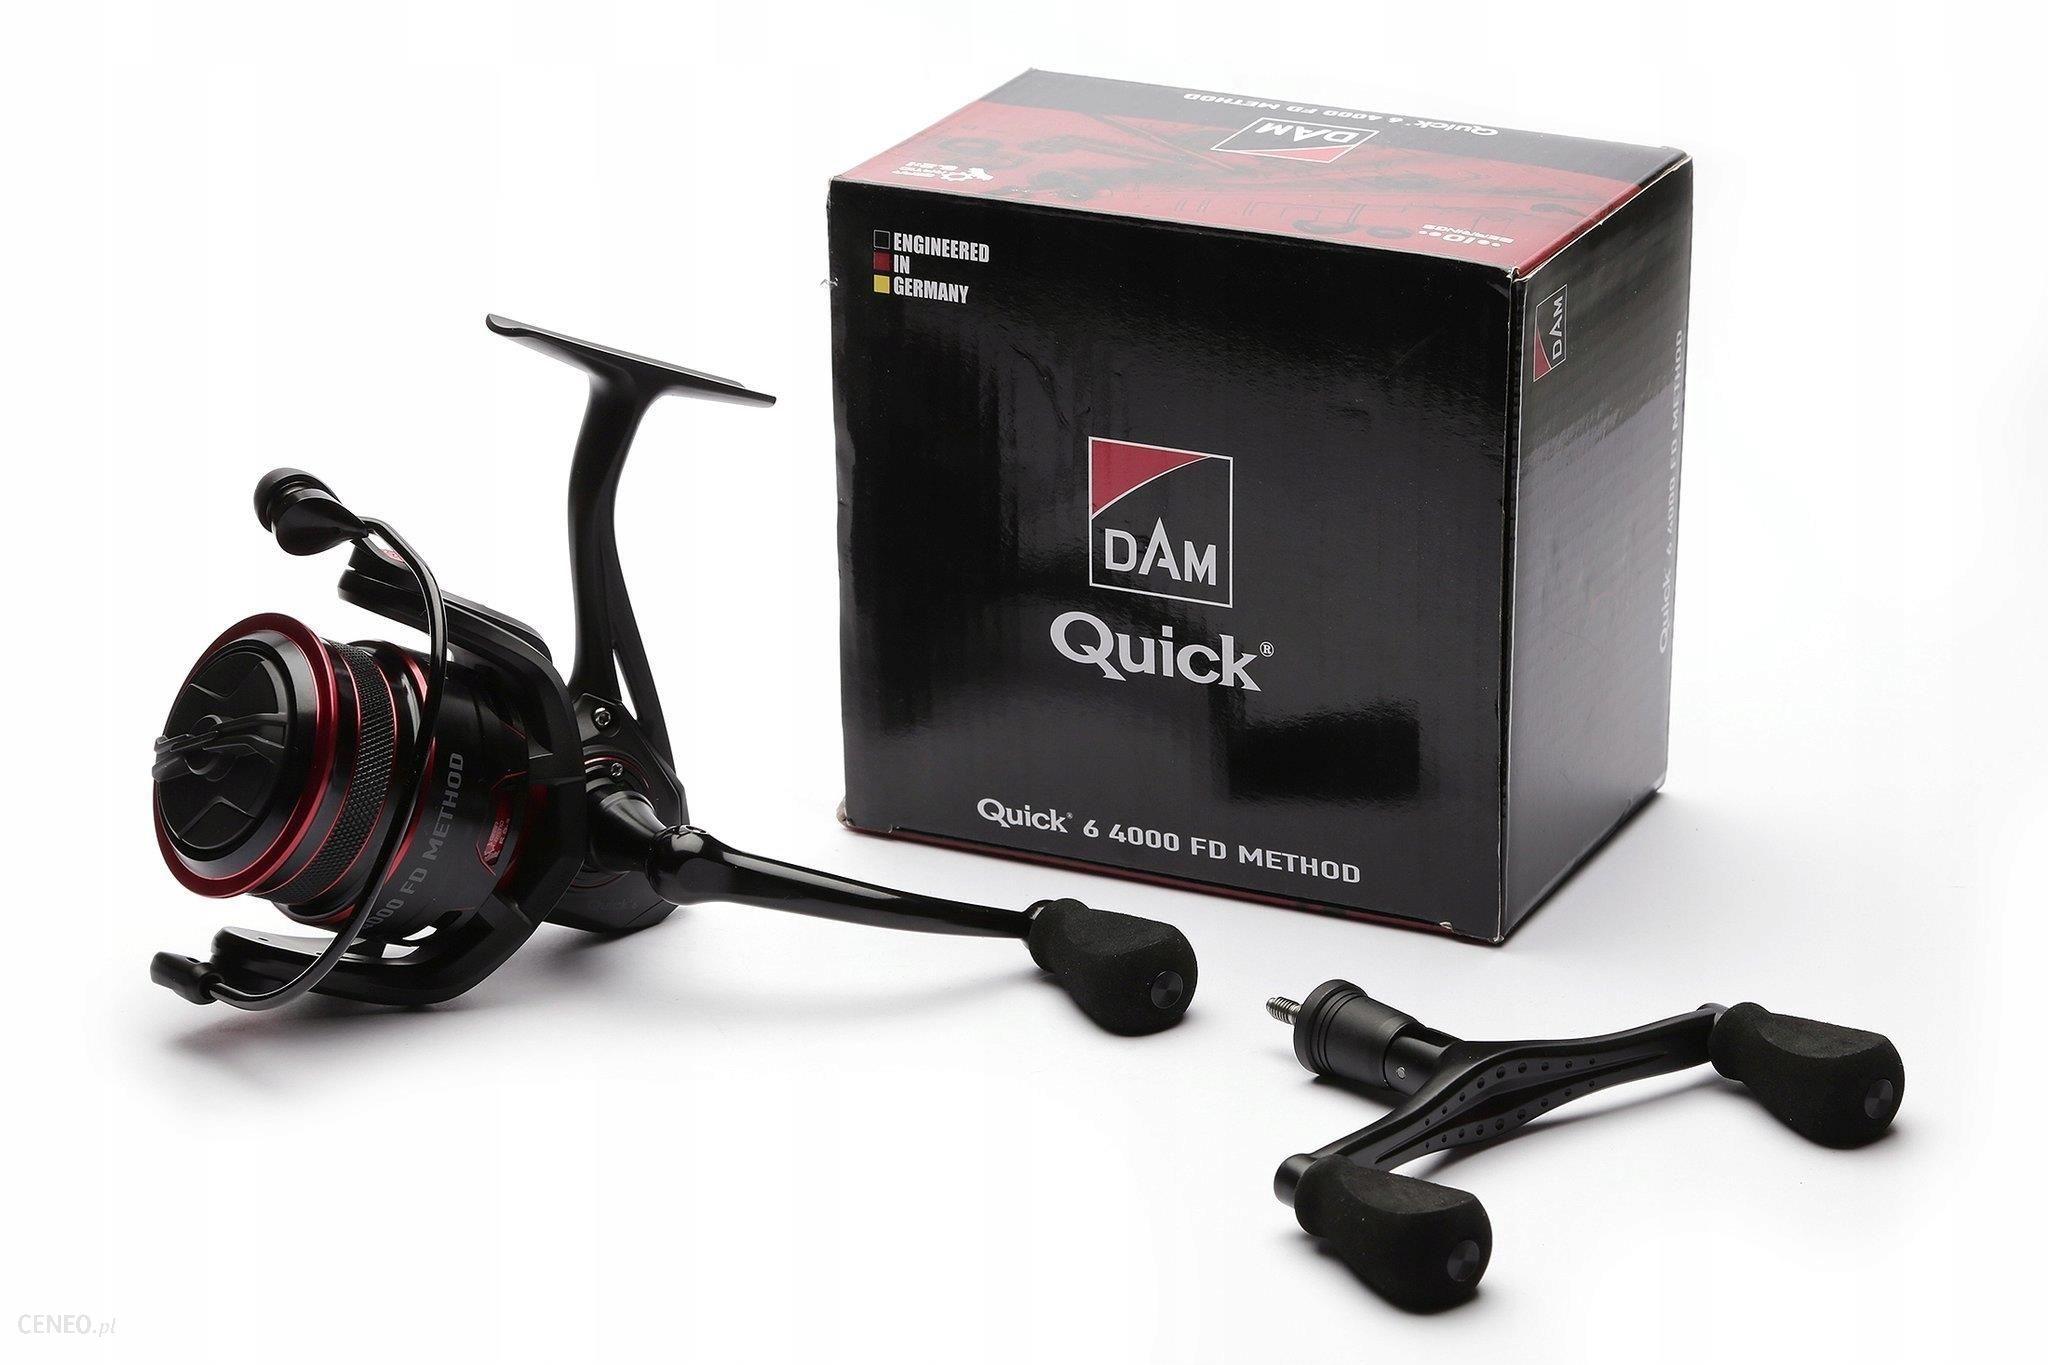 Dam Quick 6 Method 4000FD